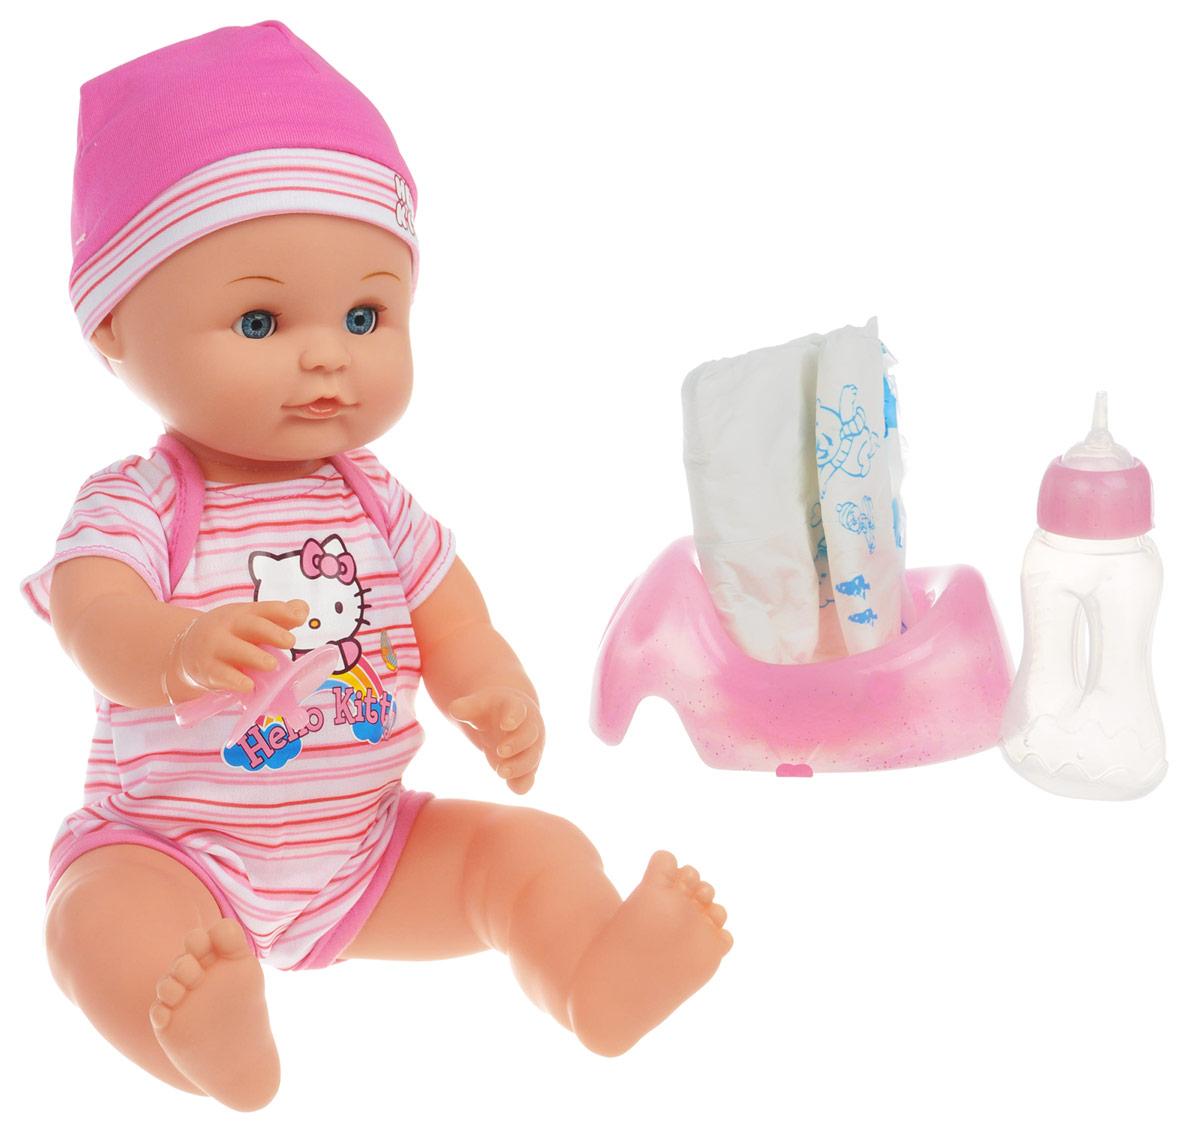 Карапуз Пупс Hello Kitty цвет одежды розовый белый куклы карапуз пупс карапуз 20см 3 функции пьет писает закрывает глазки в ванне с аксессуарами